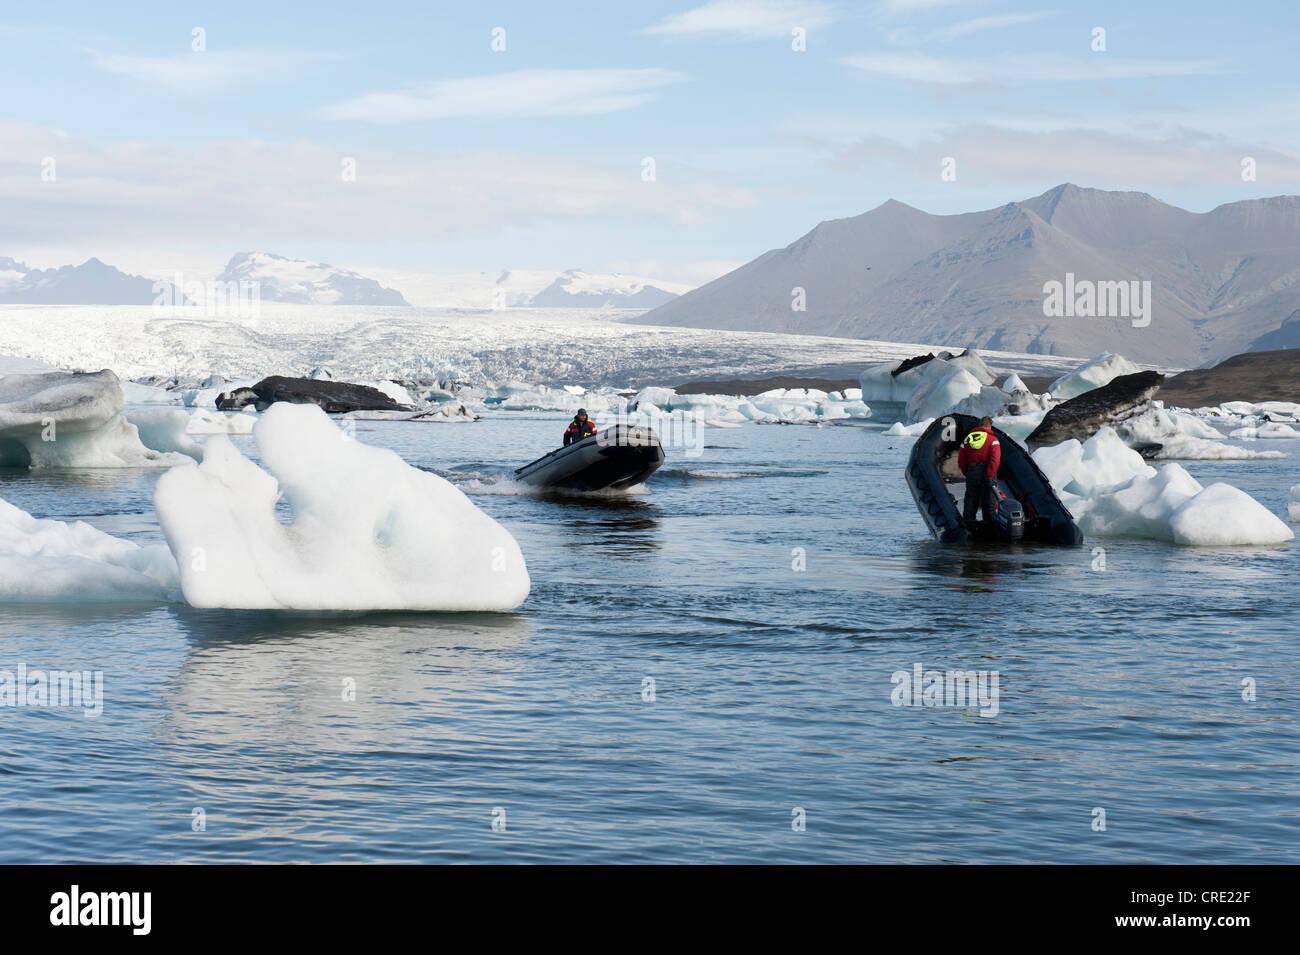 Motor boats, inflatable boats between icebergs, Joekulsárlón glacial lake, Joekulsarlon, Iceland, Scandinavia, - Stock Image